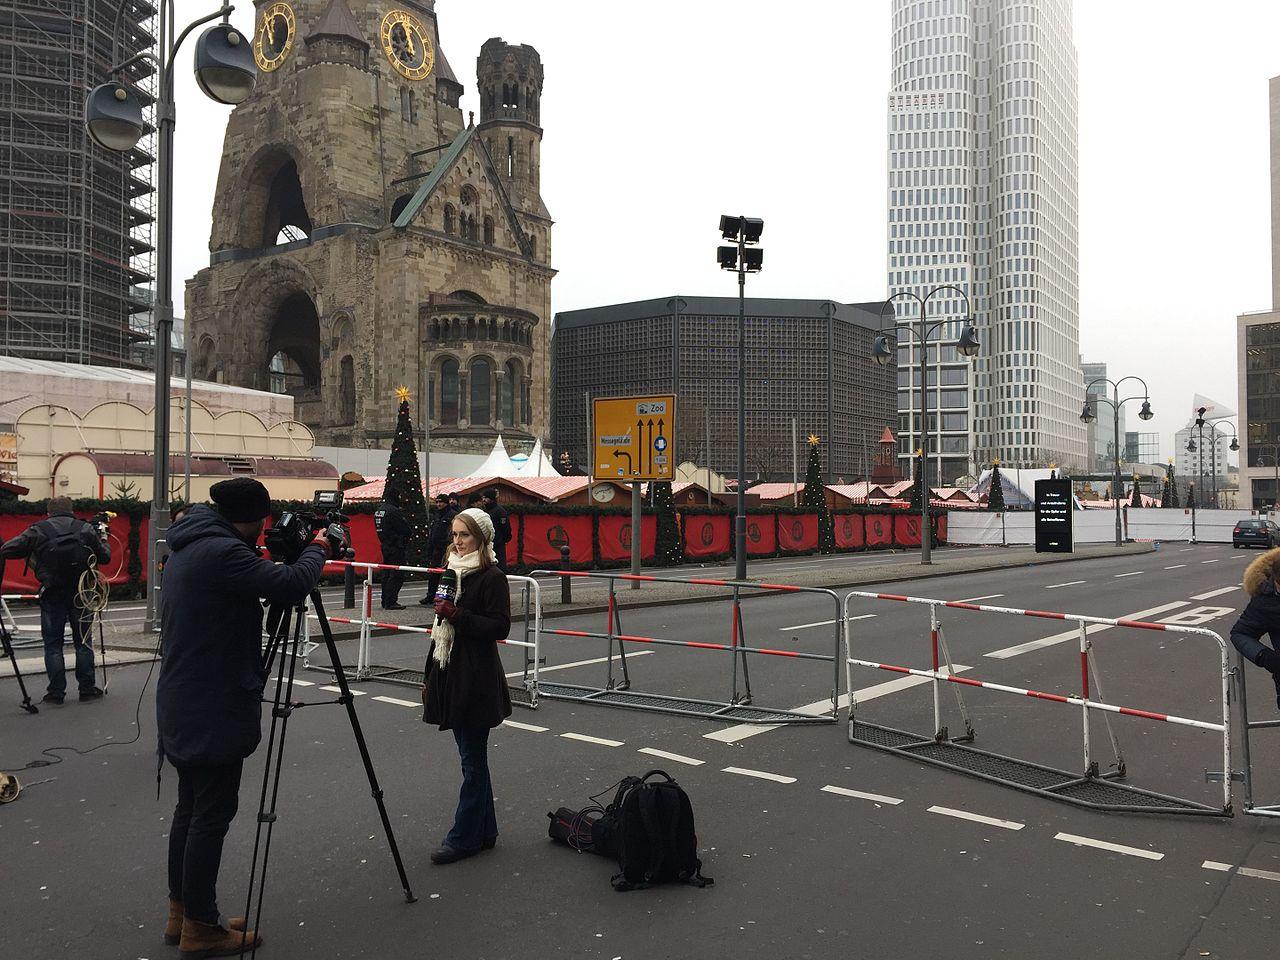 Police, médias et hommages au lendemain de l'attentat du marché de Noel de Berlin en 2016 17.jpg